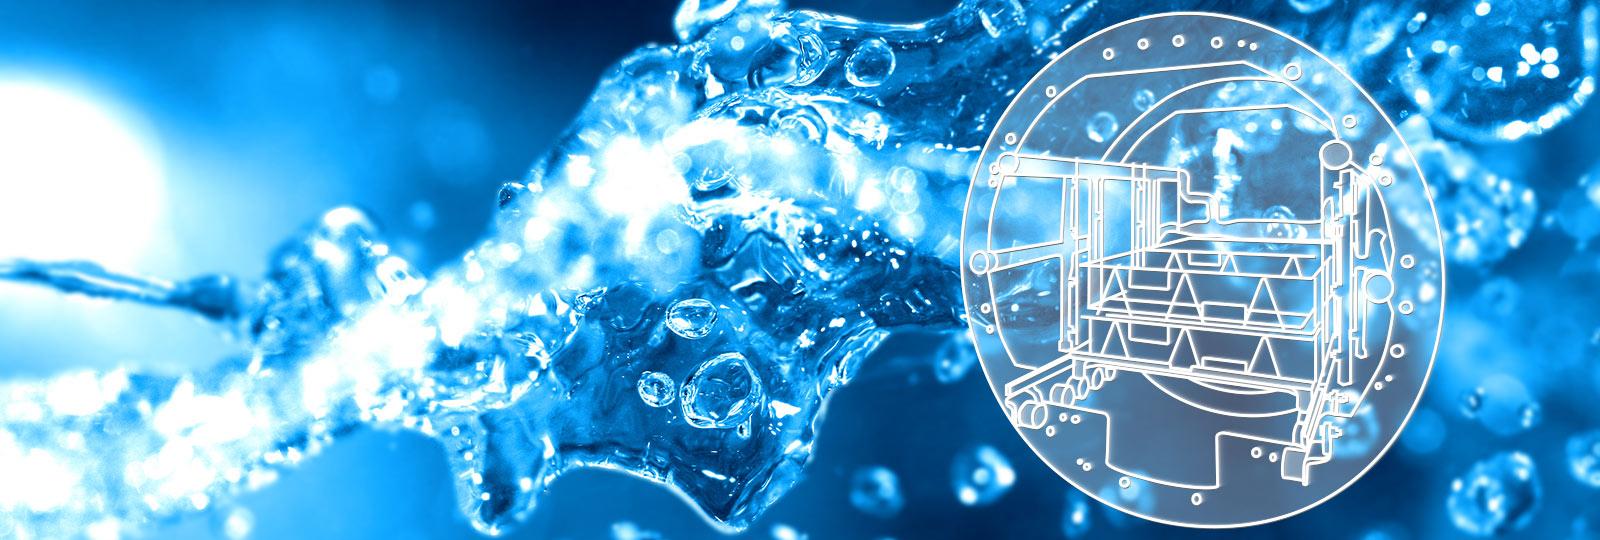 BvL produziert industrielle Reinigungsanlagen auf wässriger Basis.